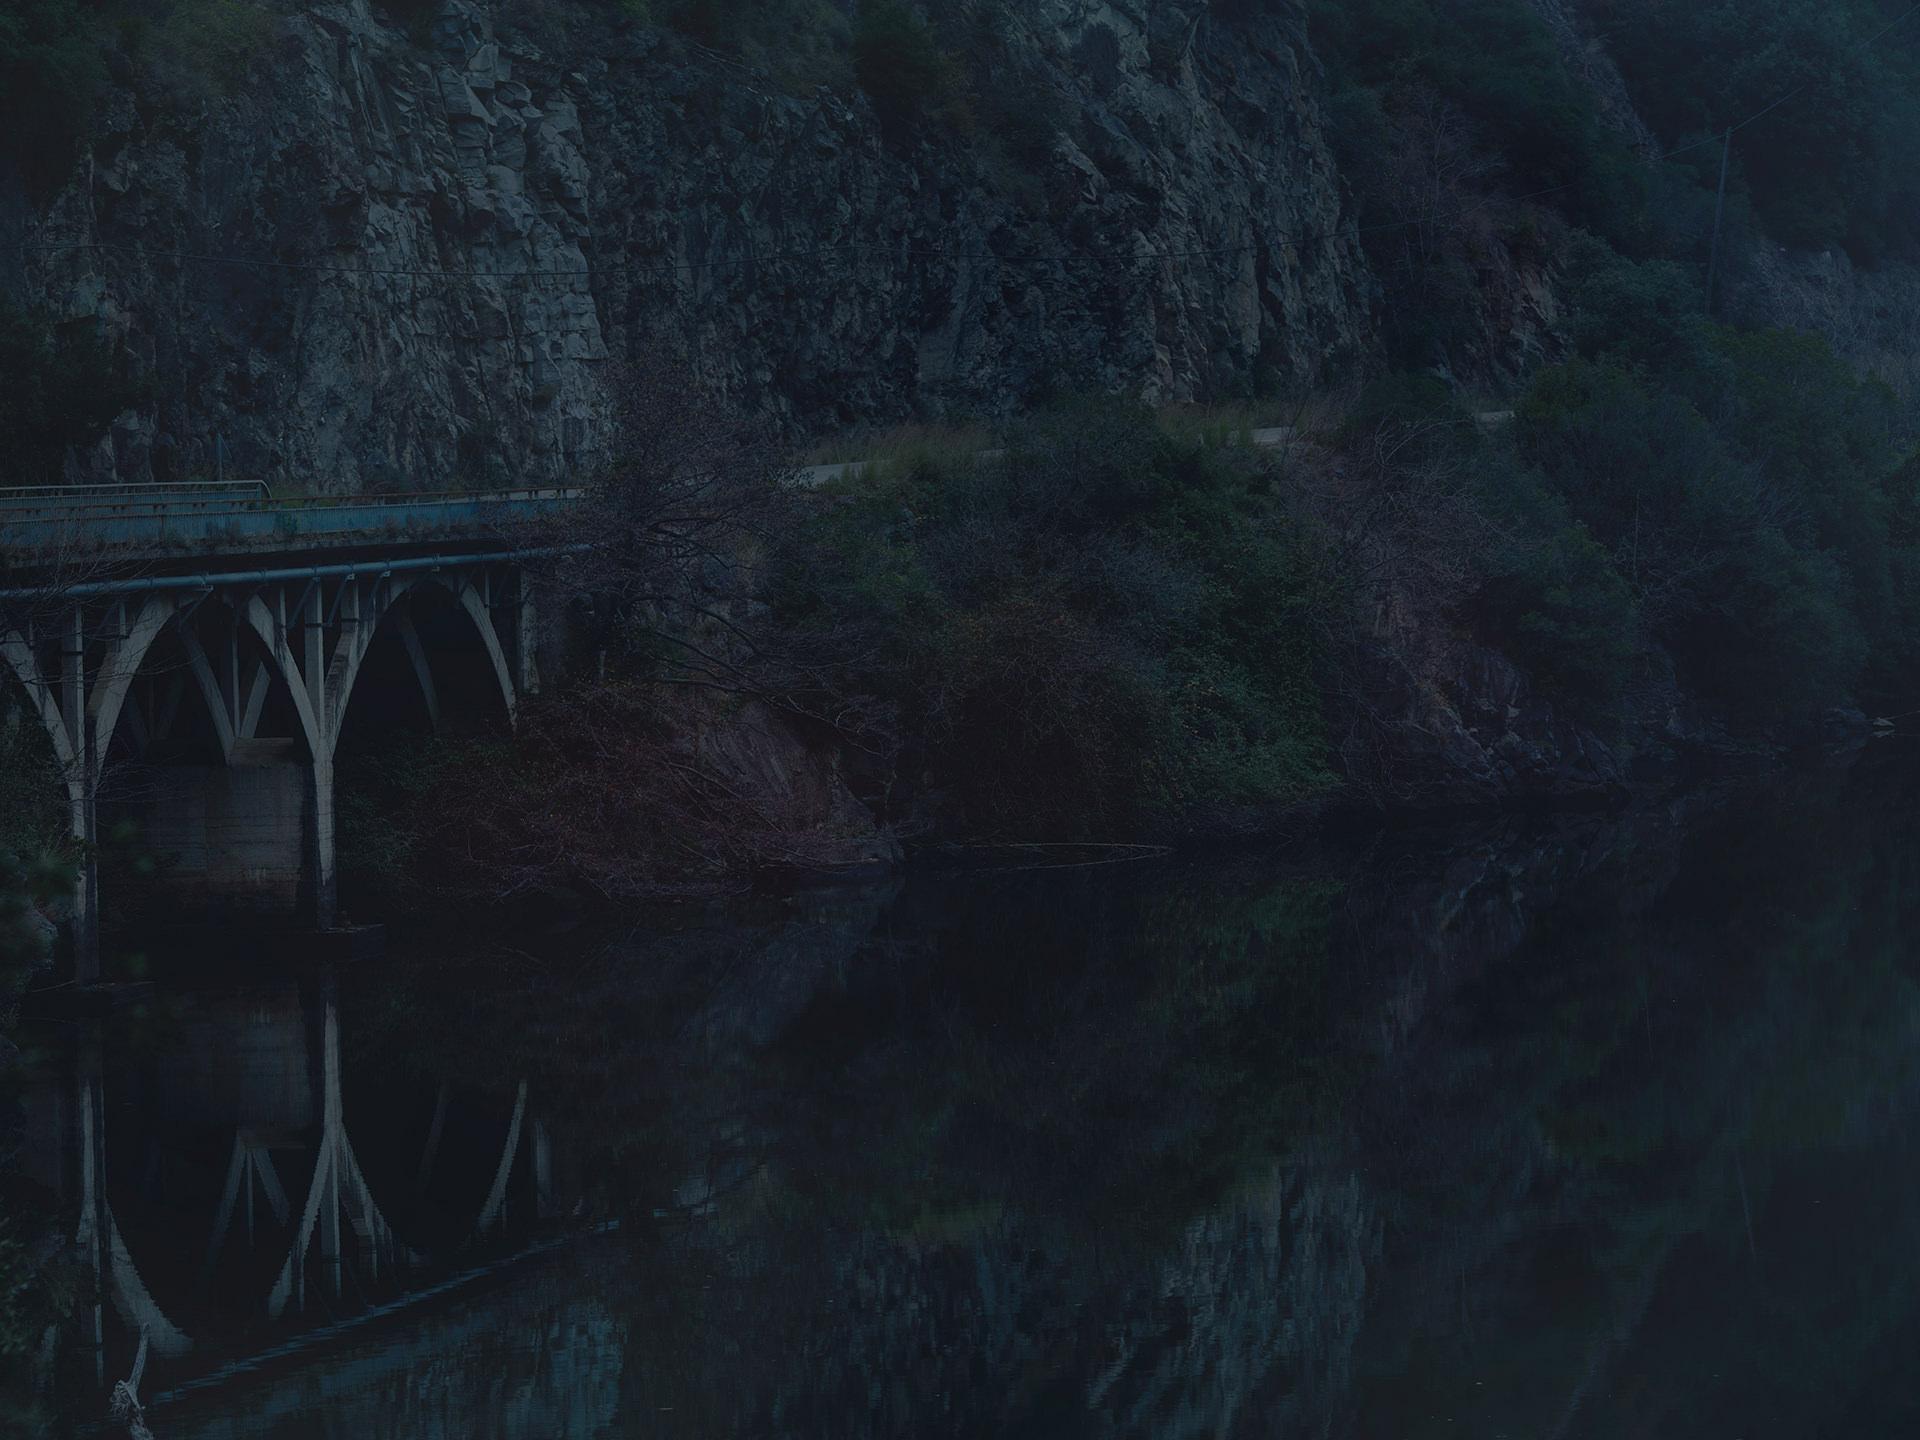 dark, water, fineart, elisabeth winter, Spain, landscape, trees, anke luckmann, www.ankeluckmann.com